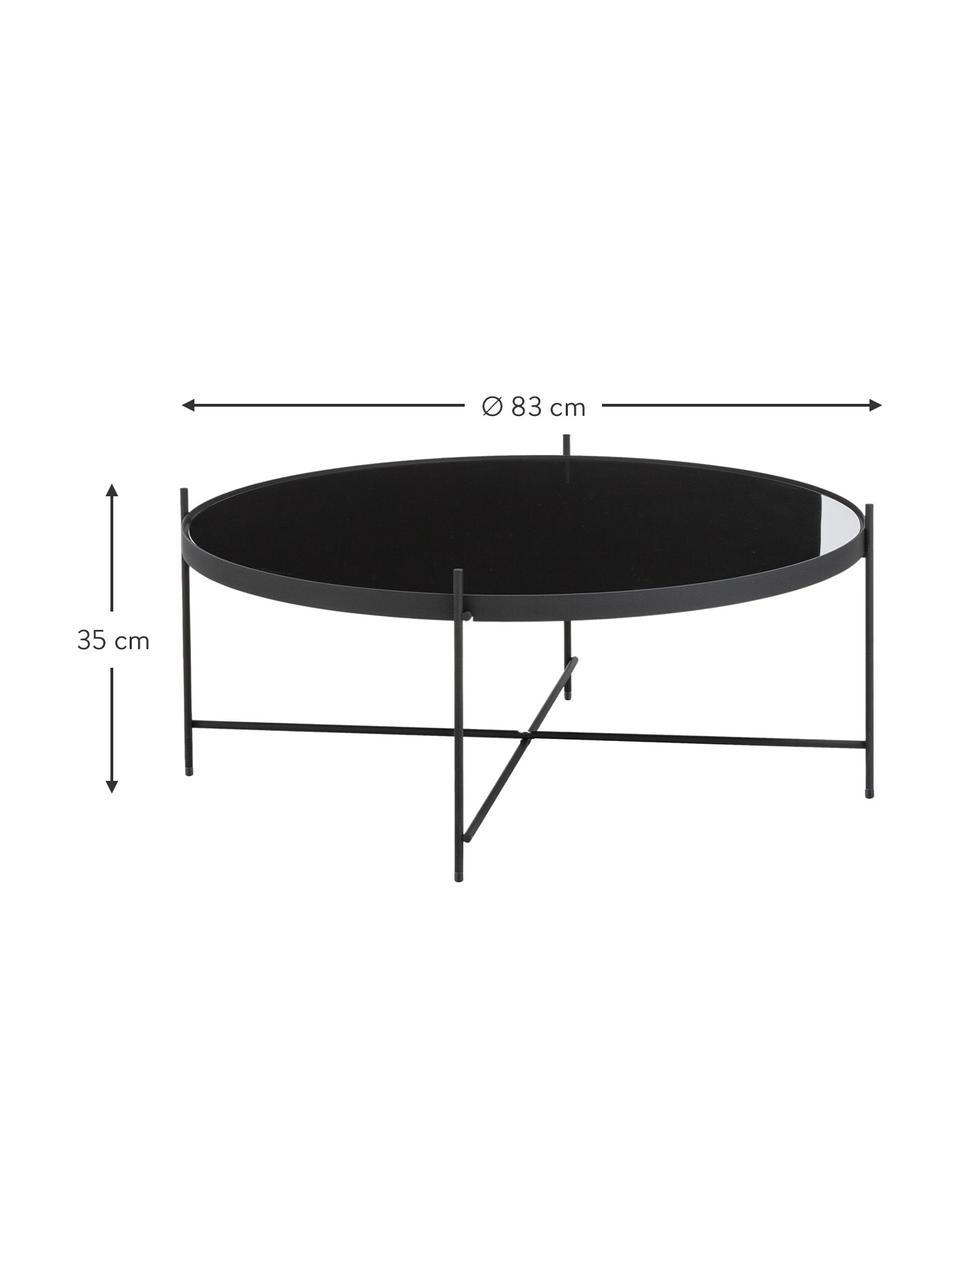 Okrągły stolik kawowy ze szklanym blatem Cupid, Stelaż: żelazo malowane proszkowo, Blat: czarne szkło, Czarny, Ø 83 x W 35 cm